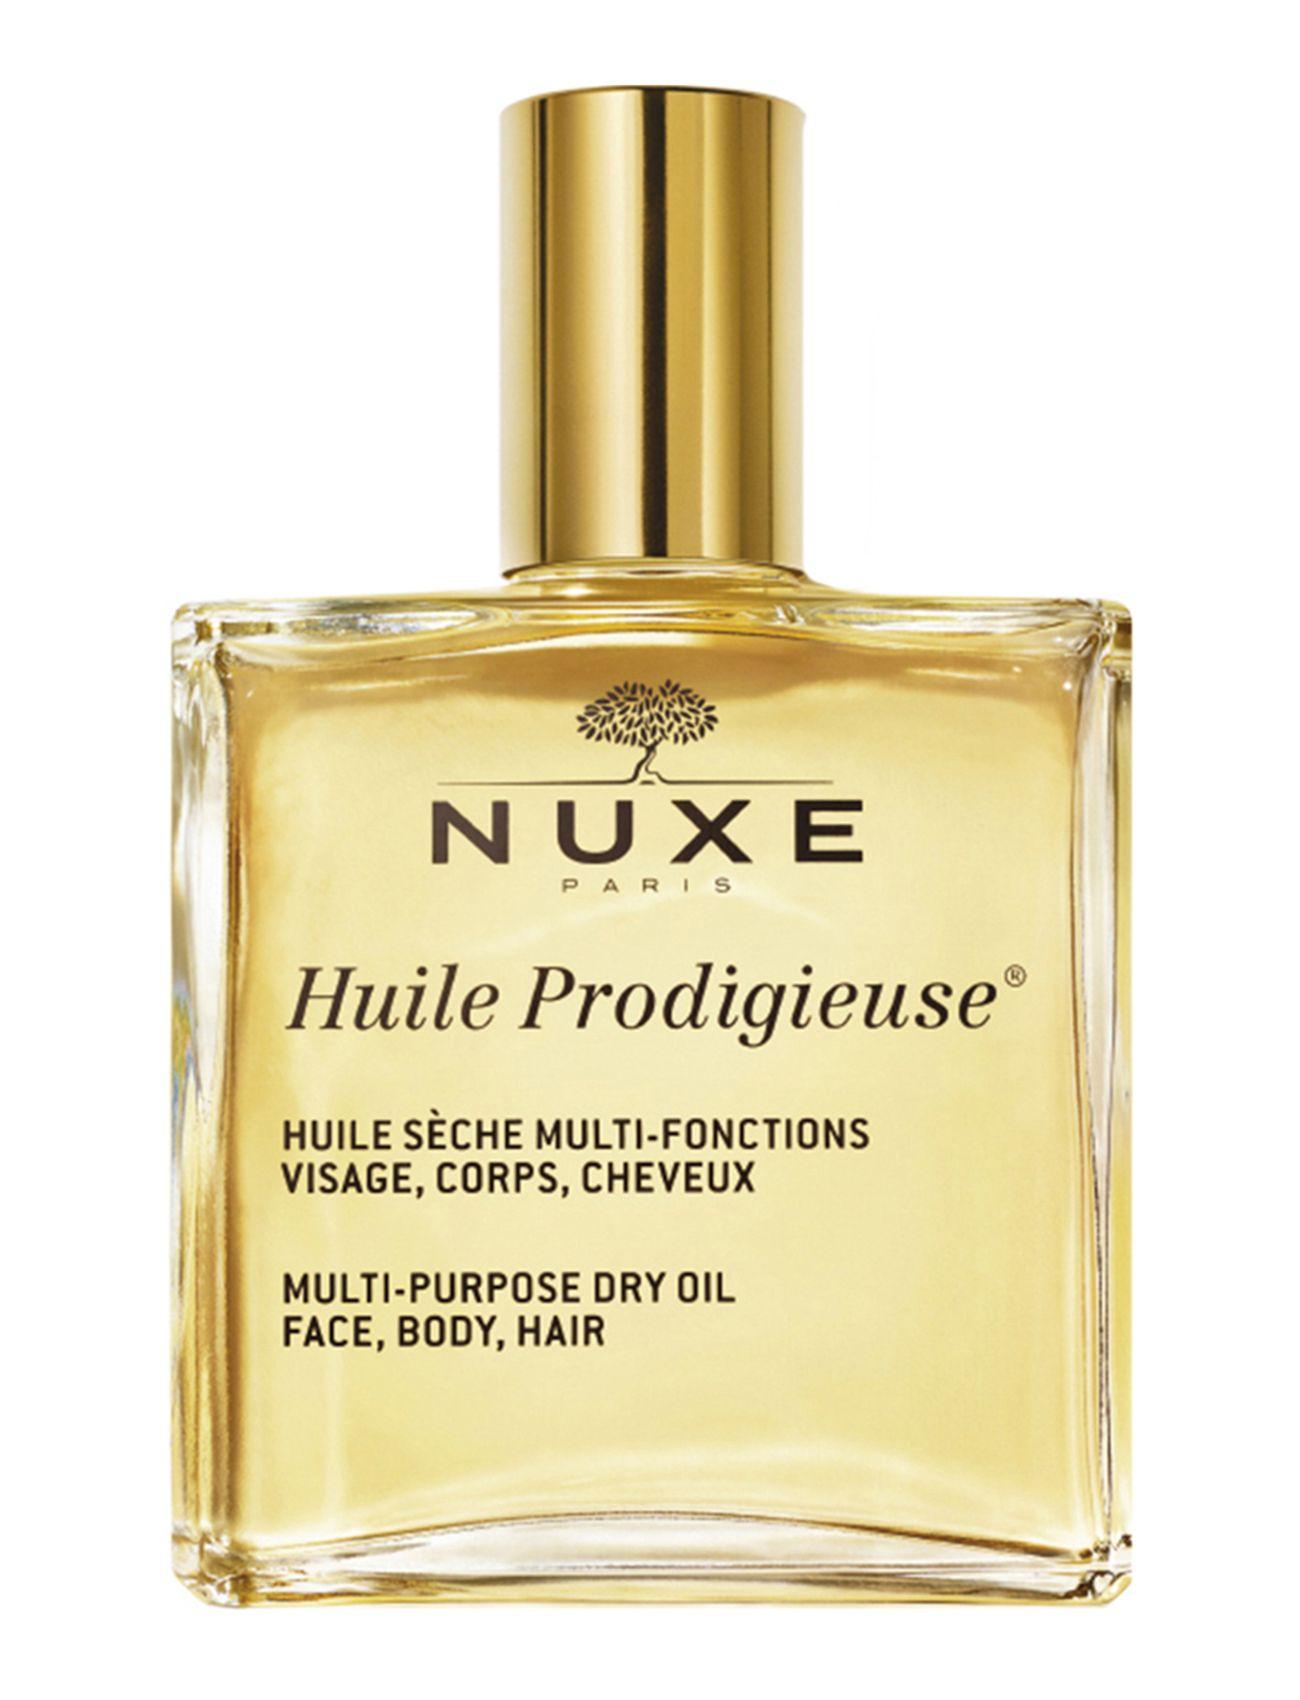 nuxe Huile prodigieuse dry oil 50 ml på boozt.com dk